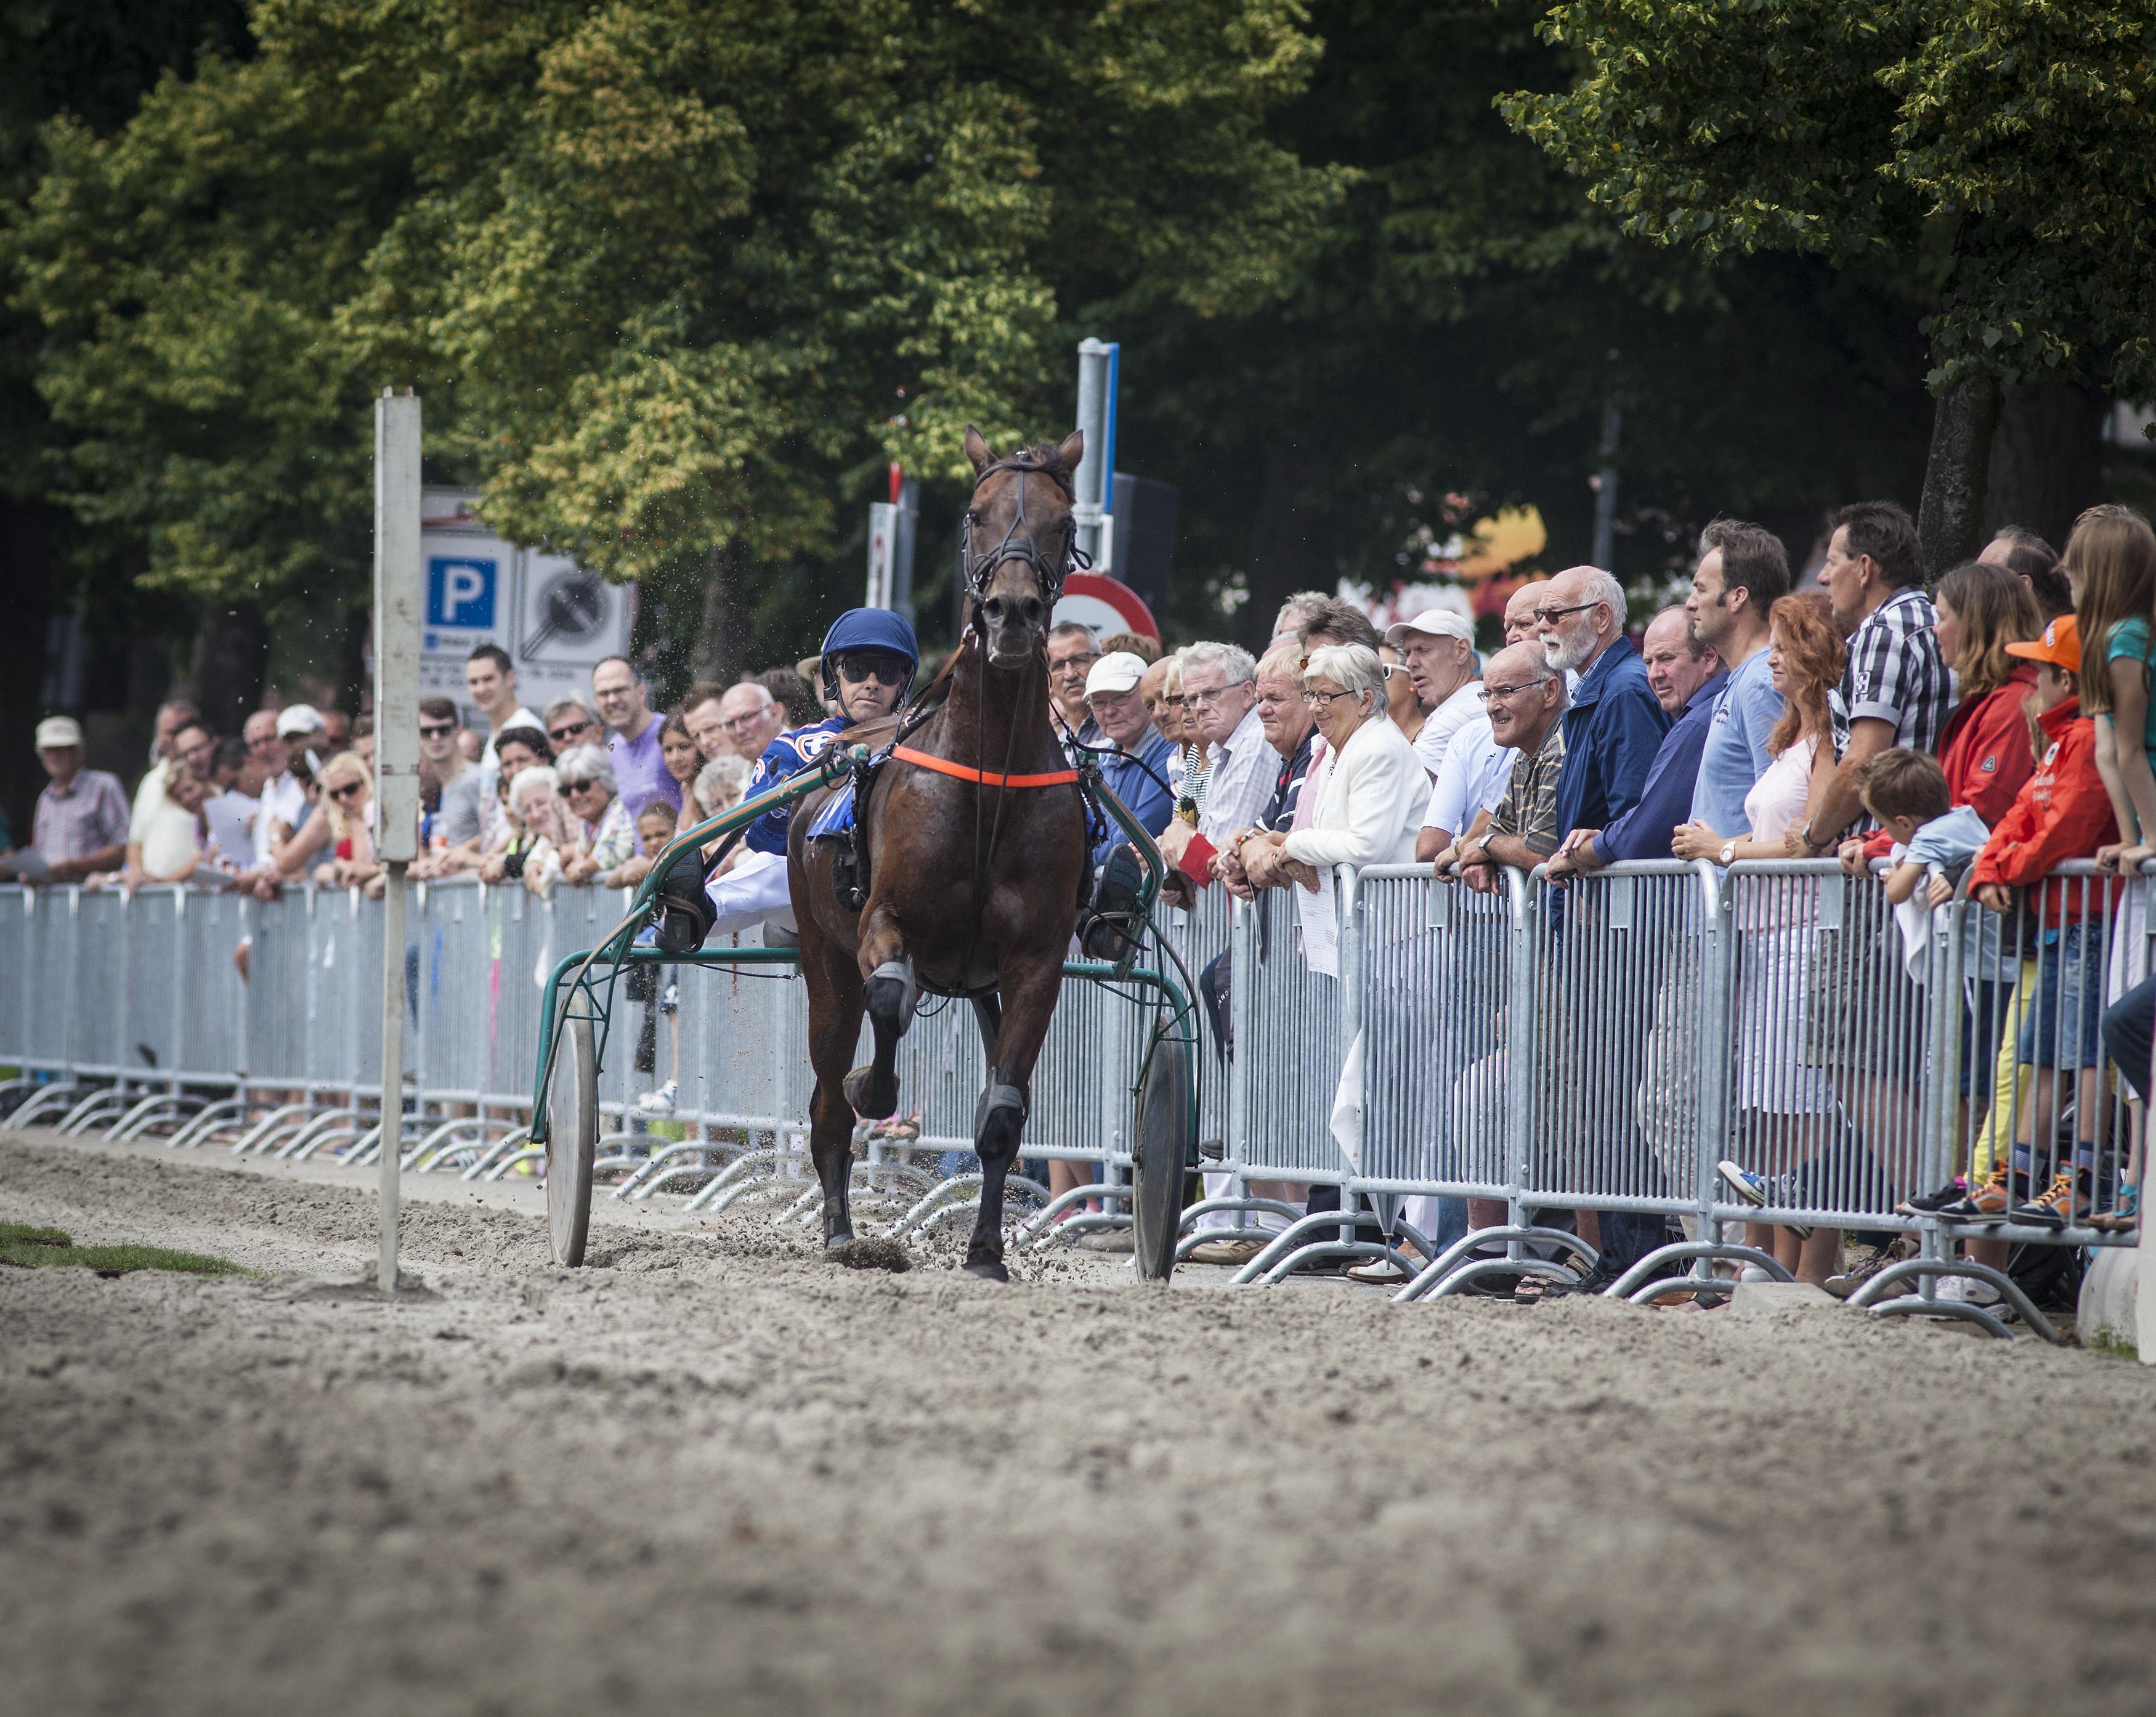 Nederlands Kampioenschap Kortebaandraverij in Hoofddorp uitgesteld tot september